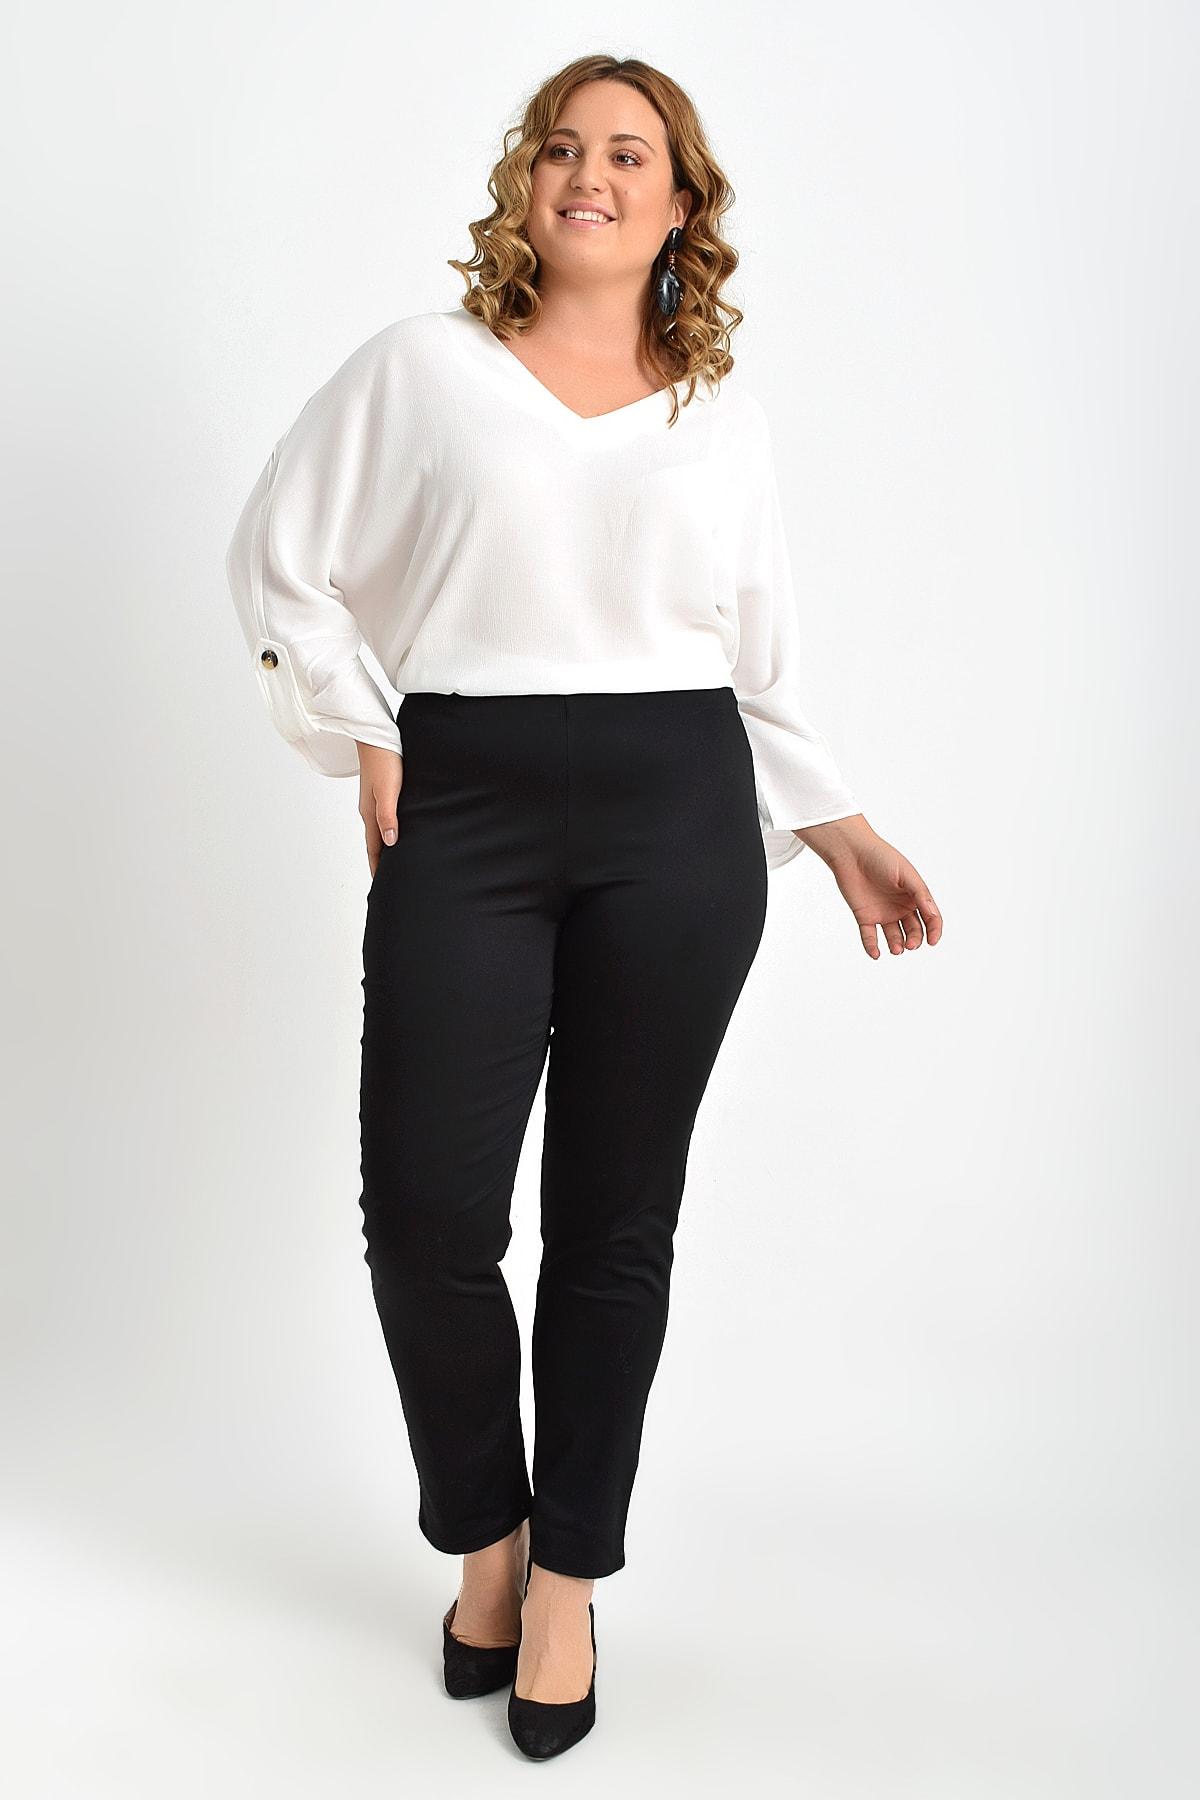 Pantalones De Gabardina Con Cinturon De Goma Negro Para Mujeres Grandes Y Libres Tb20kb110187 Vestidos Aliexpress